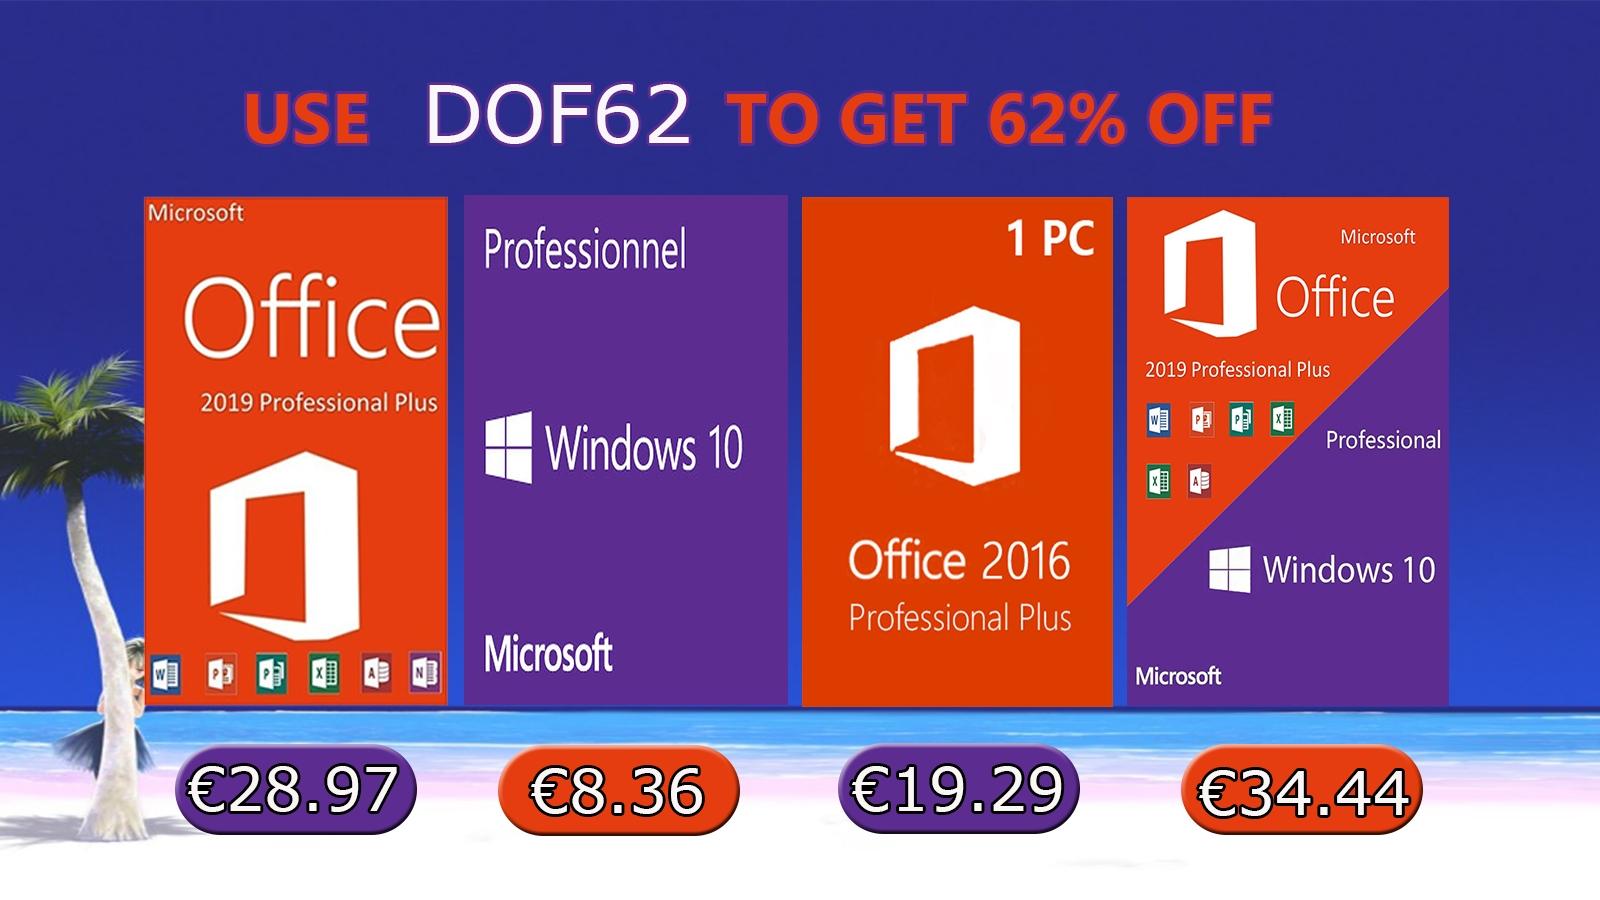 Jarní akce: Windows 10 za 8,36 EUR nebo Office 2019 za 41,01 EUR! [sponzorovaný článek]